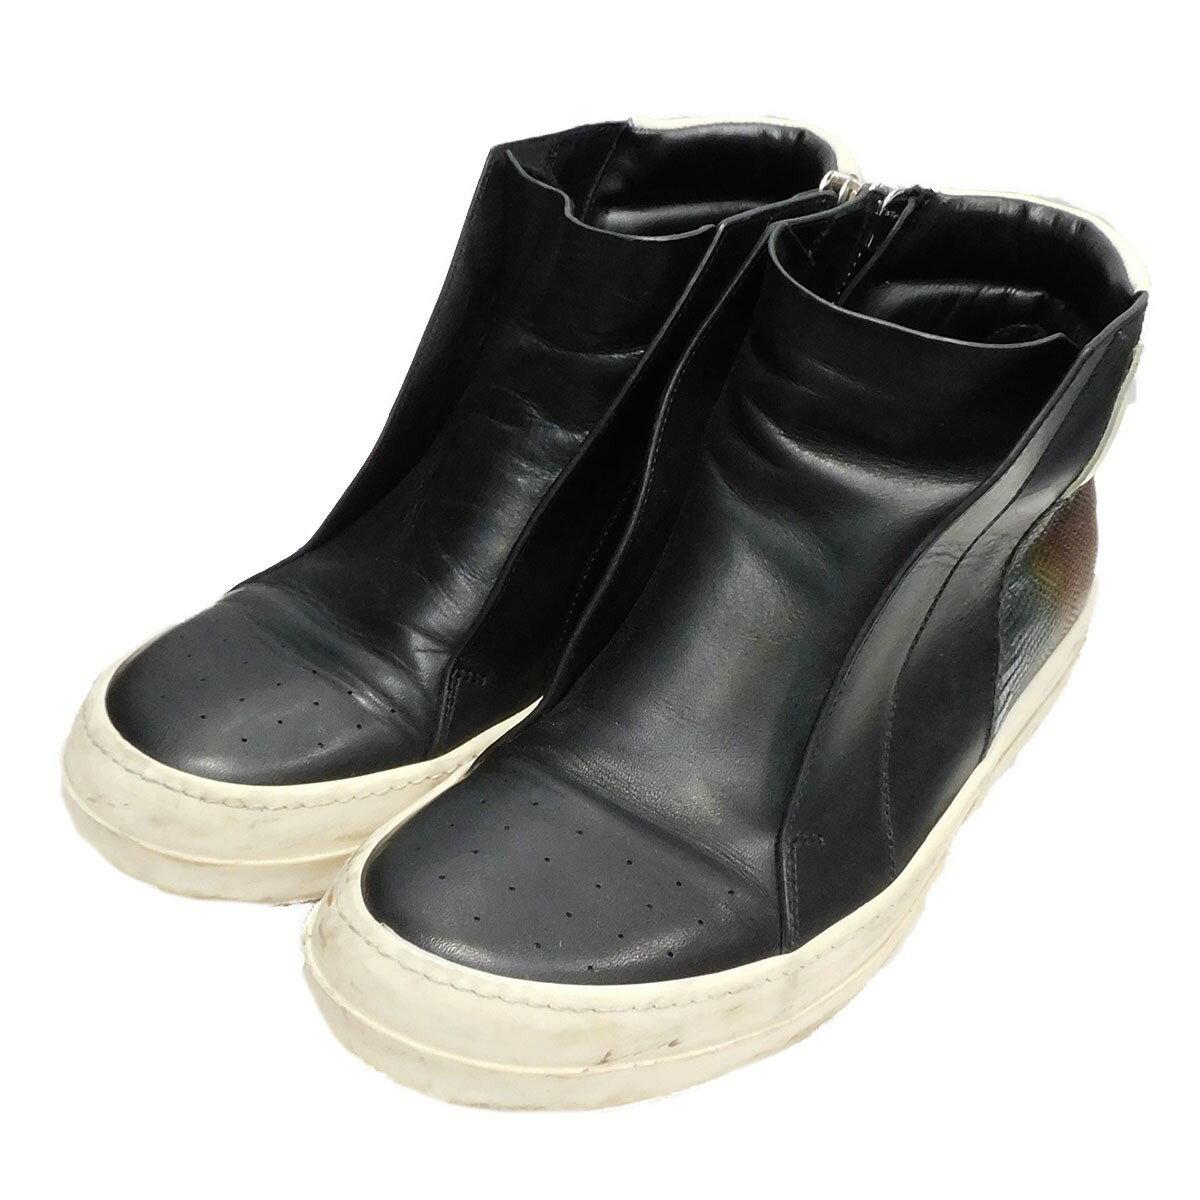 メンズ靴, スニーカー Rick OwensISLAND DUNK 41 105